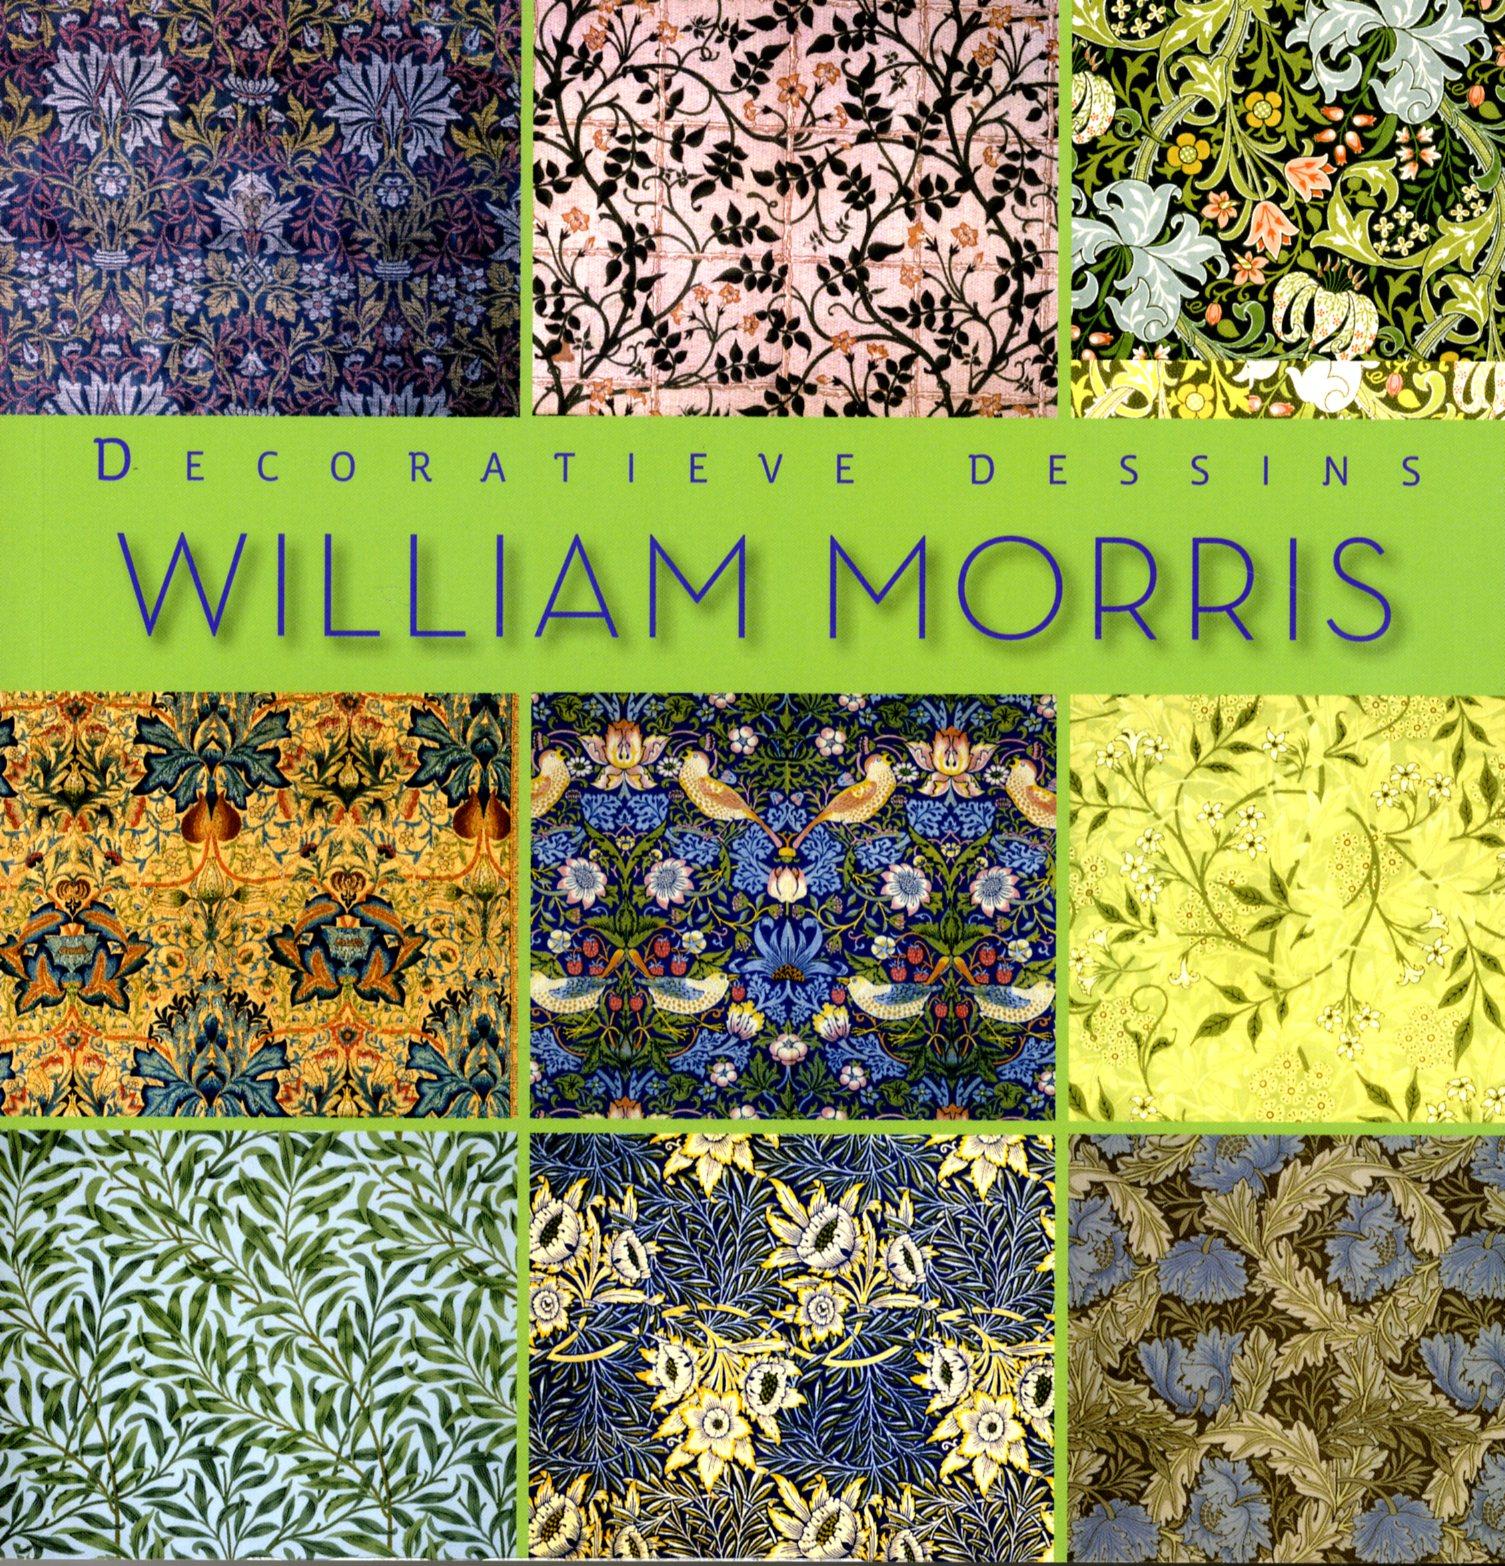 William Morris - Decoratieve dessins